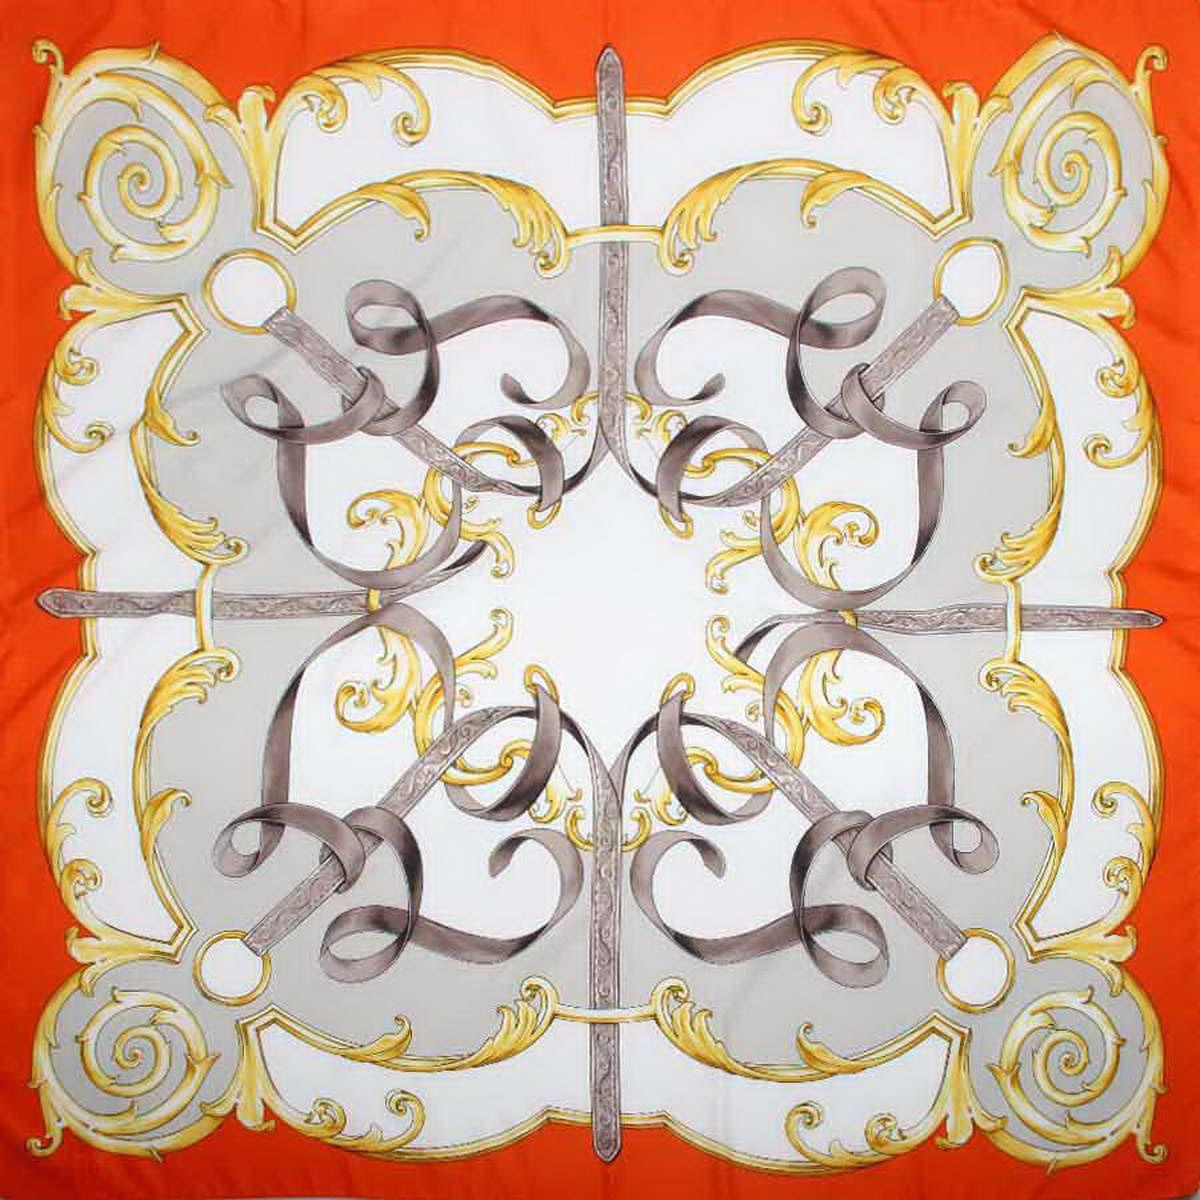 Платок женский Venera, цвет: оранжевый, серый, белый. 3904972-31. Размер 90 см х 90 см3904972-31Женственный аксессуар, платок из полиэстера, нежный и легкий, приятный к коже и отлично драпируется, яркие оттенки очаровательных цветков внесут в Ваш образ очарование и шарм.